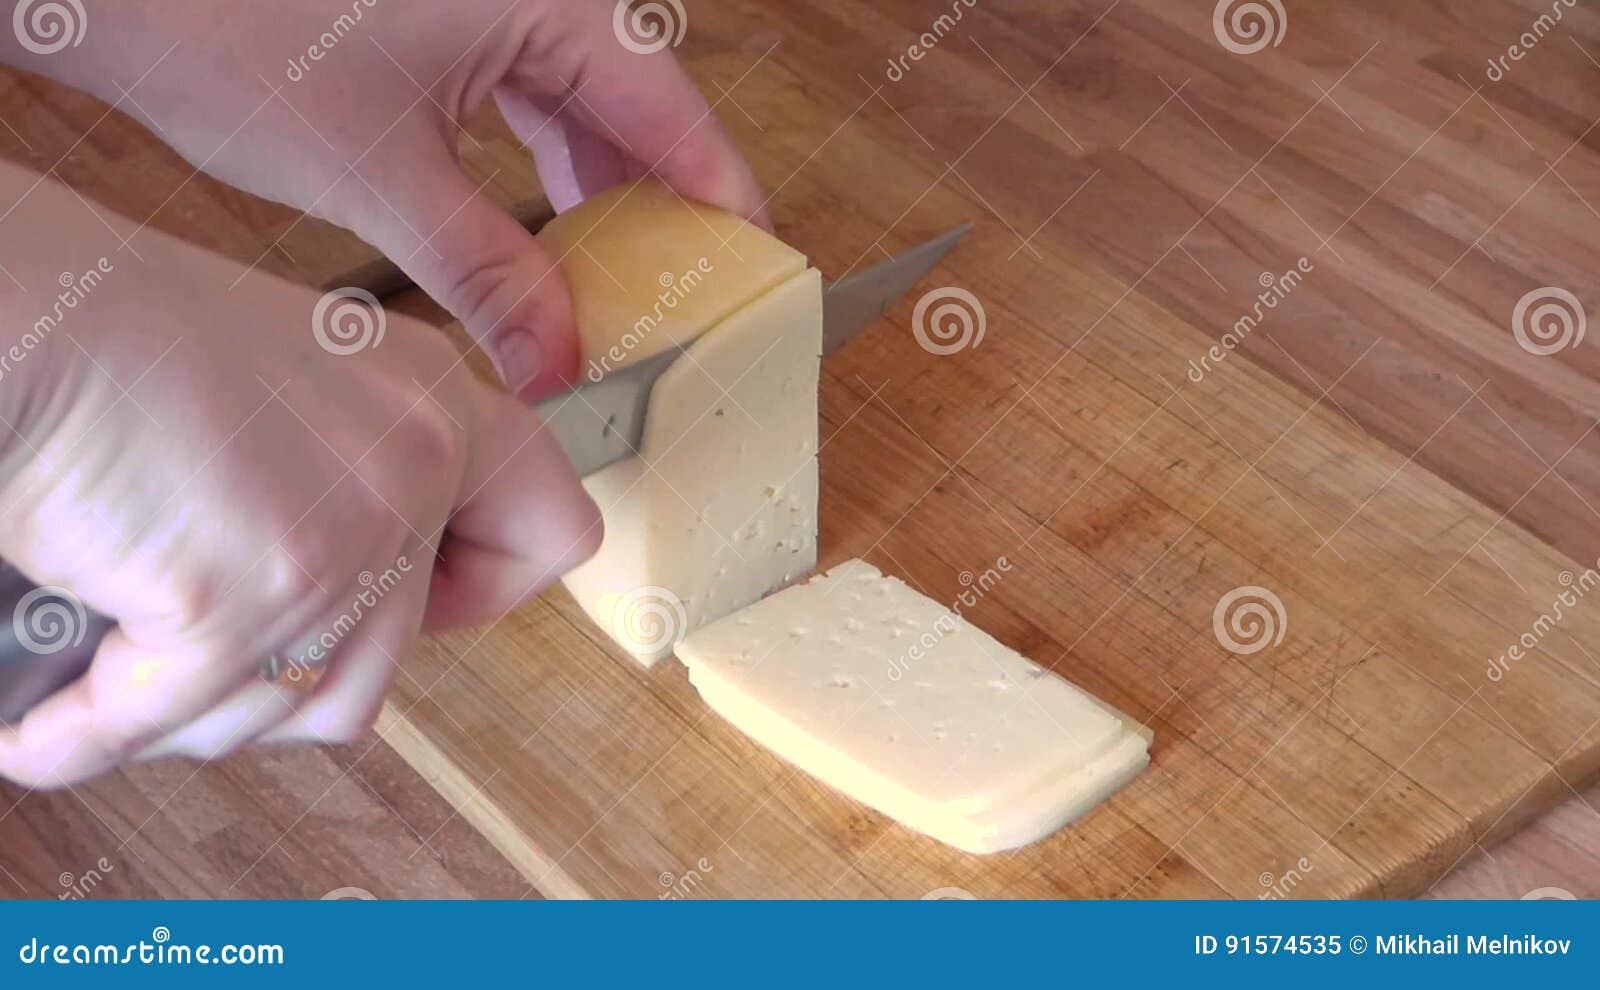 Amateur sandwich